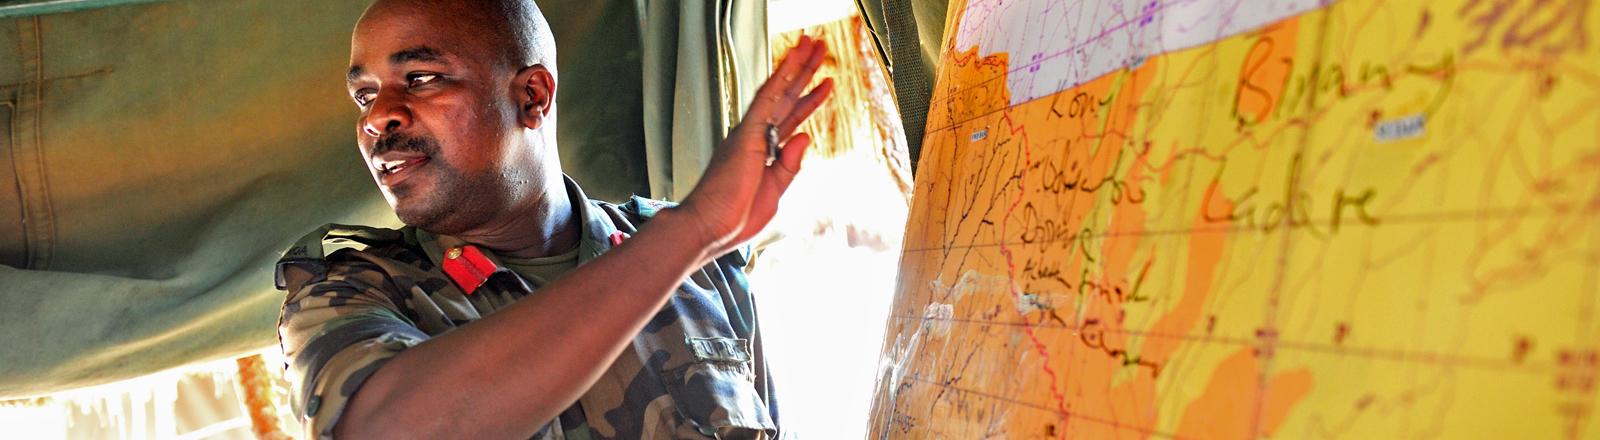 Ein General steht an einer Karte des Einsatzgebietes. Soldaten der ugandischen Armee (UPDF) patrouillieren durch den Dschungel der Republik Zentralafrika auf der Suche nach dem Rebellenführer Joseph Kony.